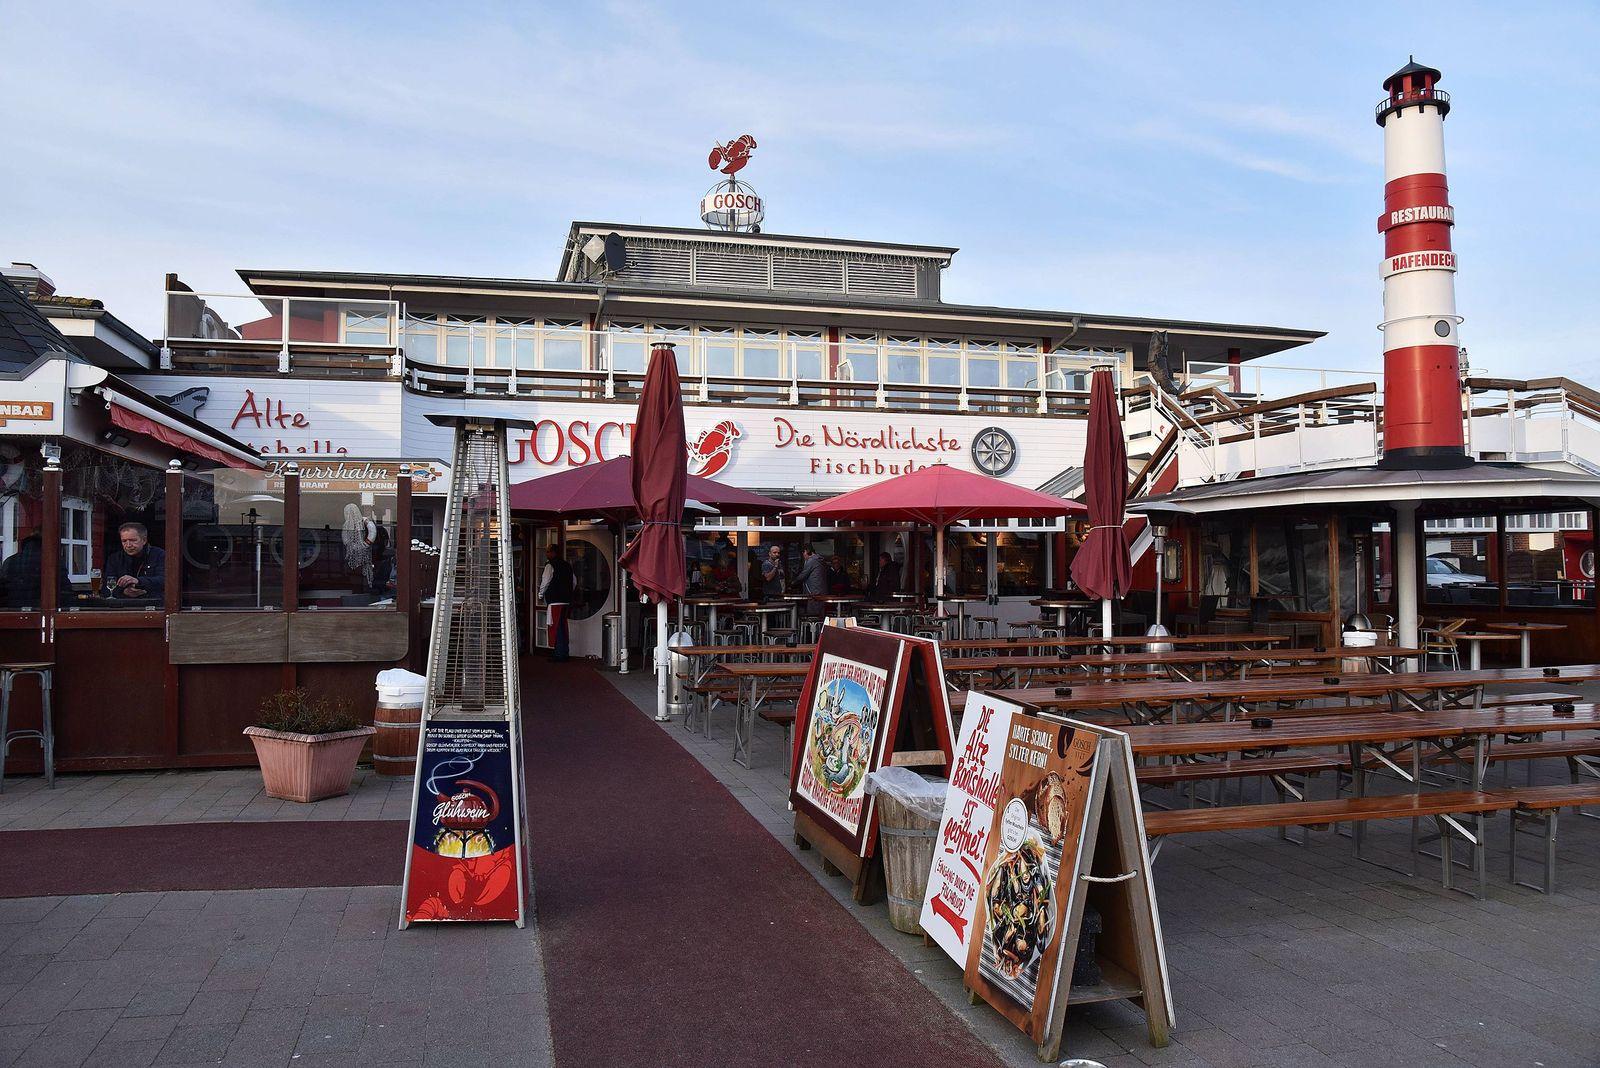 Das Fisch Restaurant GOSCH in List am Hafen Nˆrdlichste Fischbude Deutschlands aufgenommen am 31 0